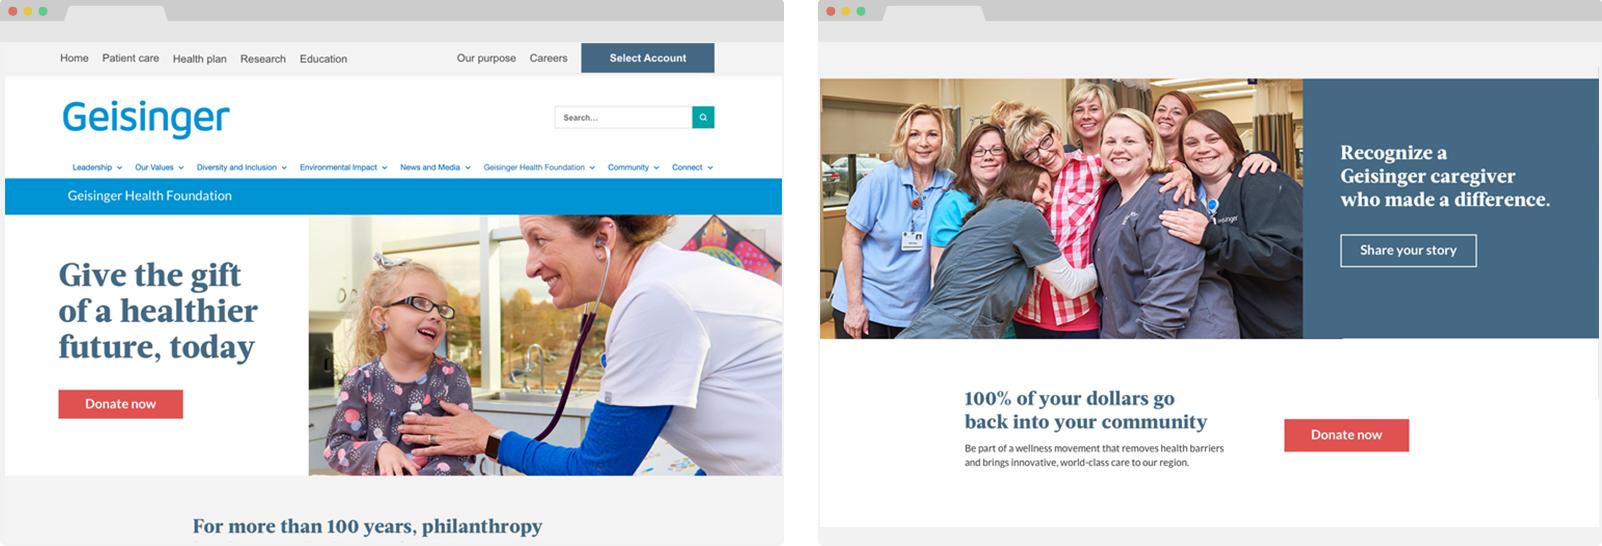 Geisinger foundation website images